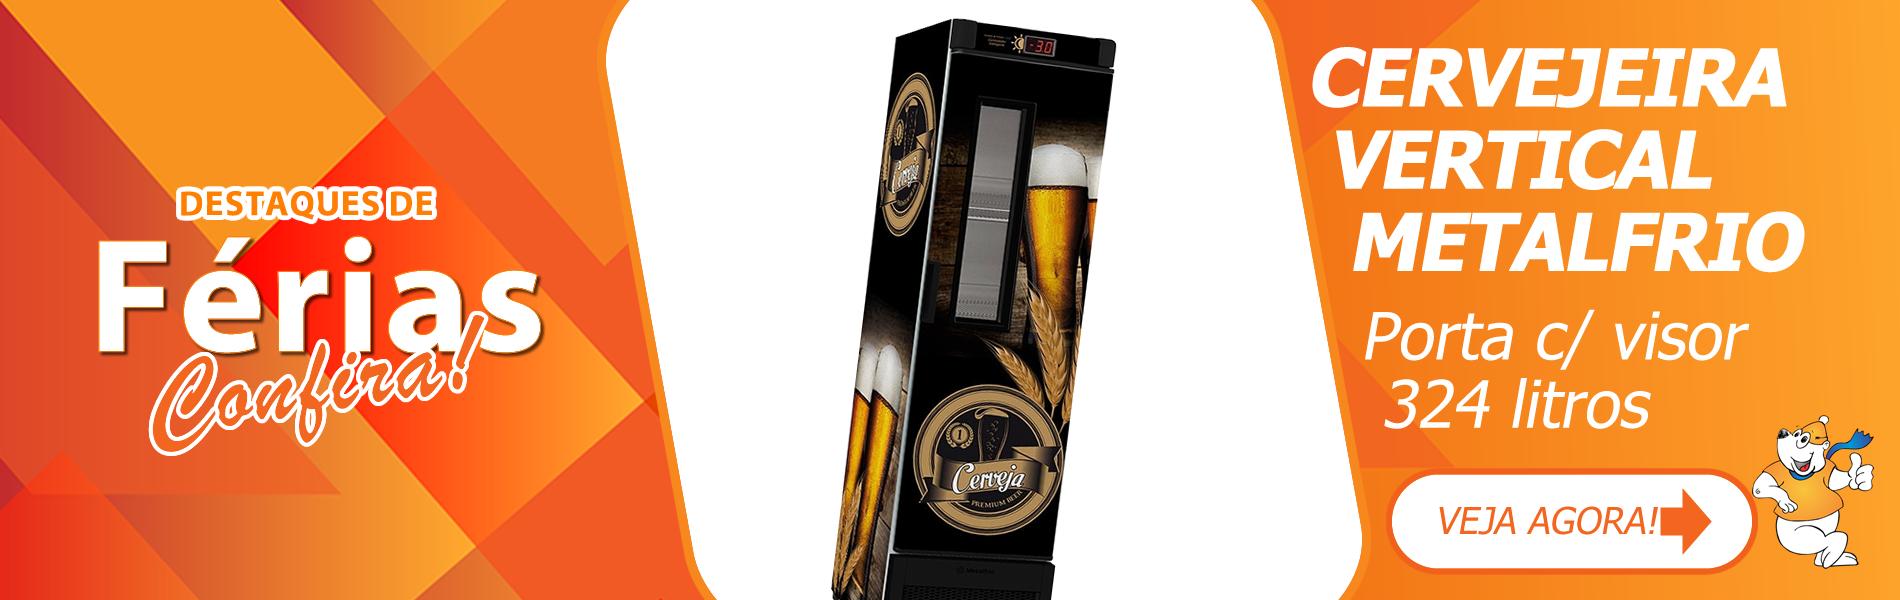 Cervejeira 1